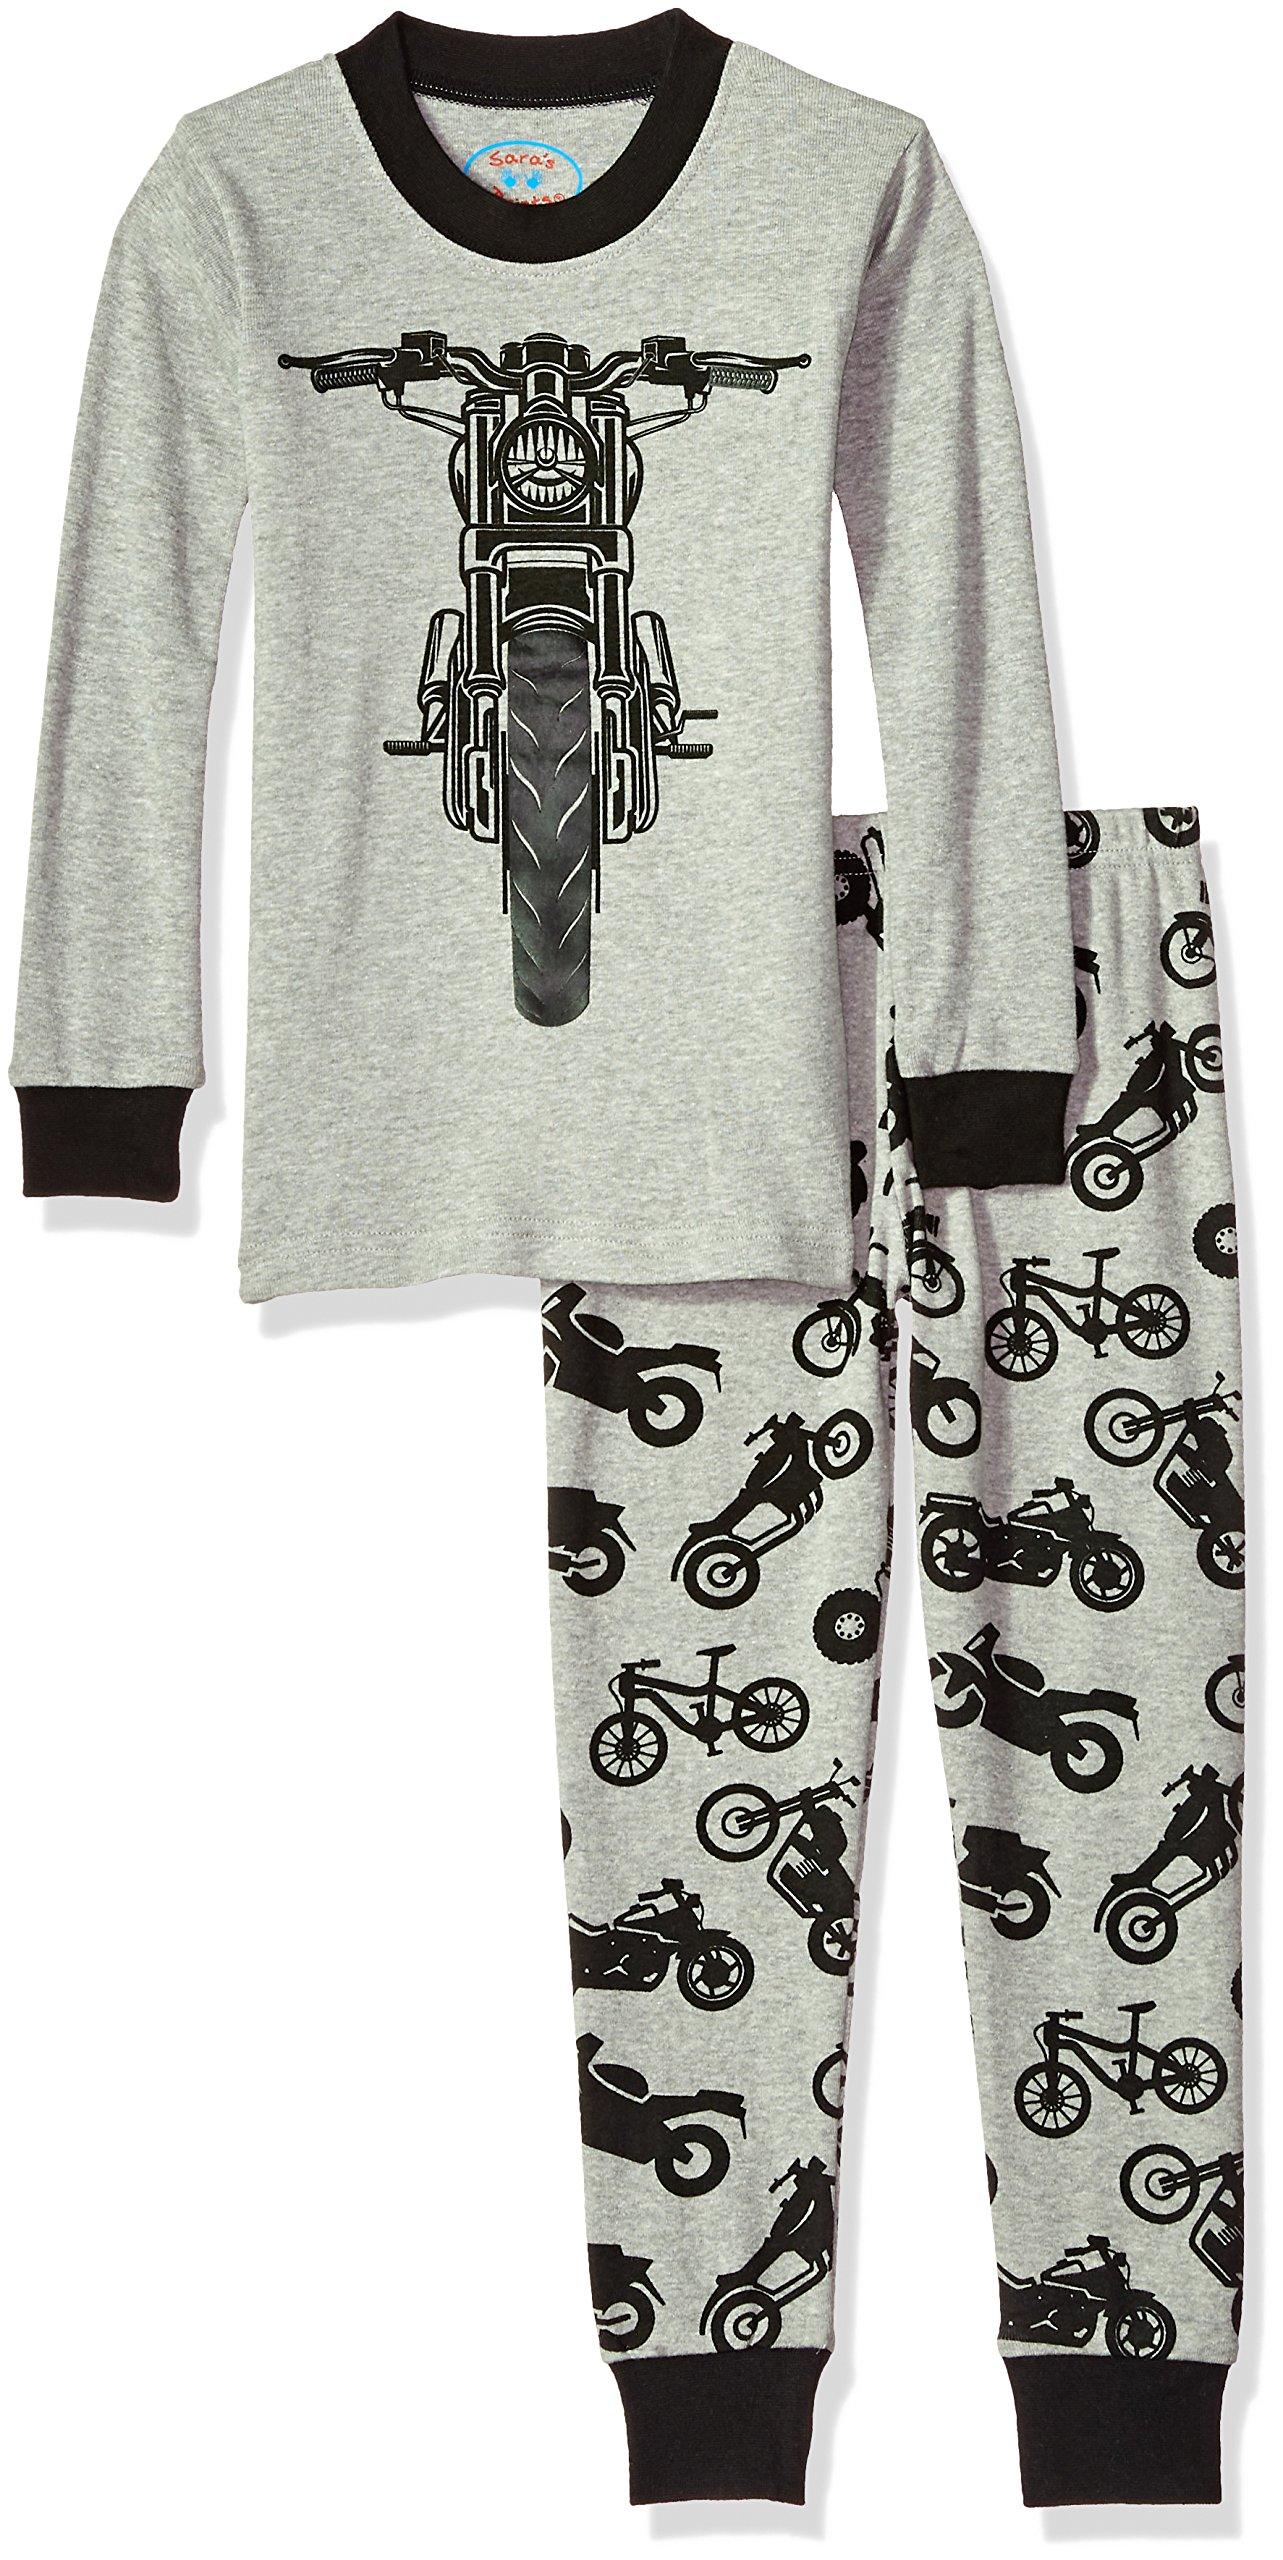 Sara's Prints Big Kids All Cotton Long John Pajamas, Motorcycle/Mojito, 12 by Sara's Prints (Image #1)